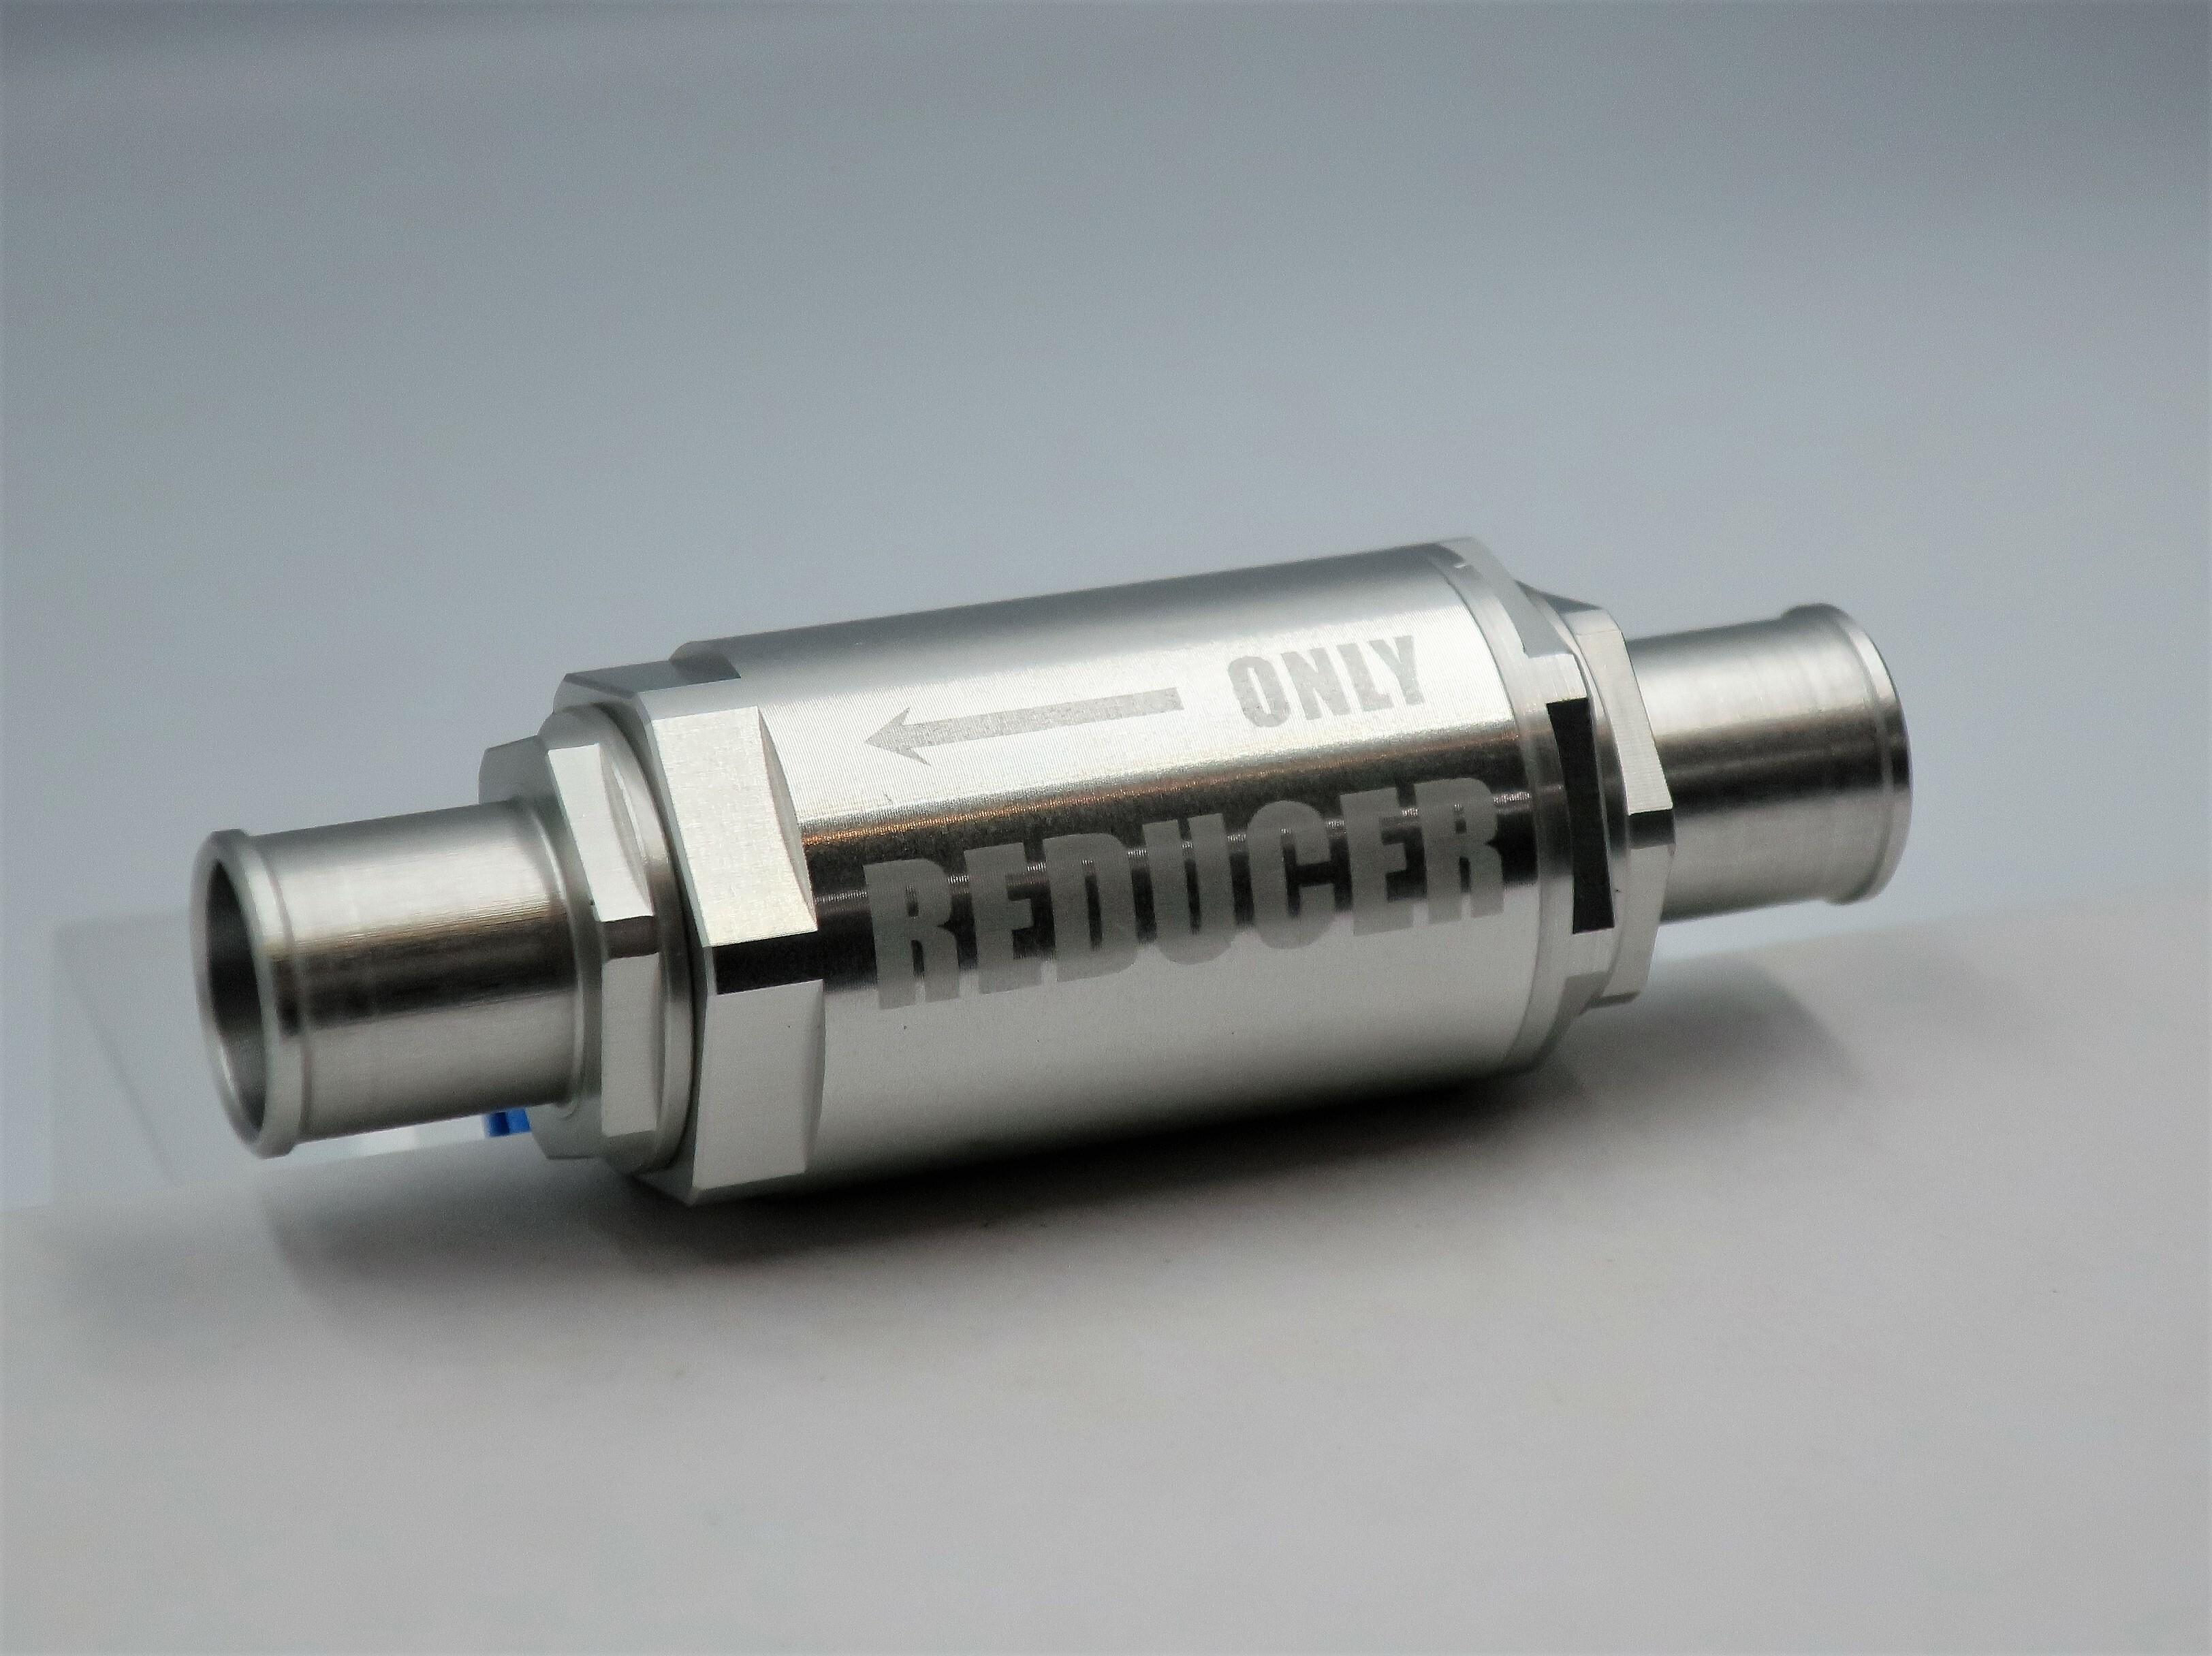 クランクケース減圧レデューサー フィアット500 1.2 8V用キット/ツインリードタイプ